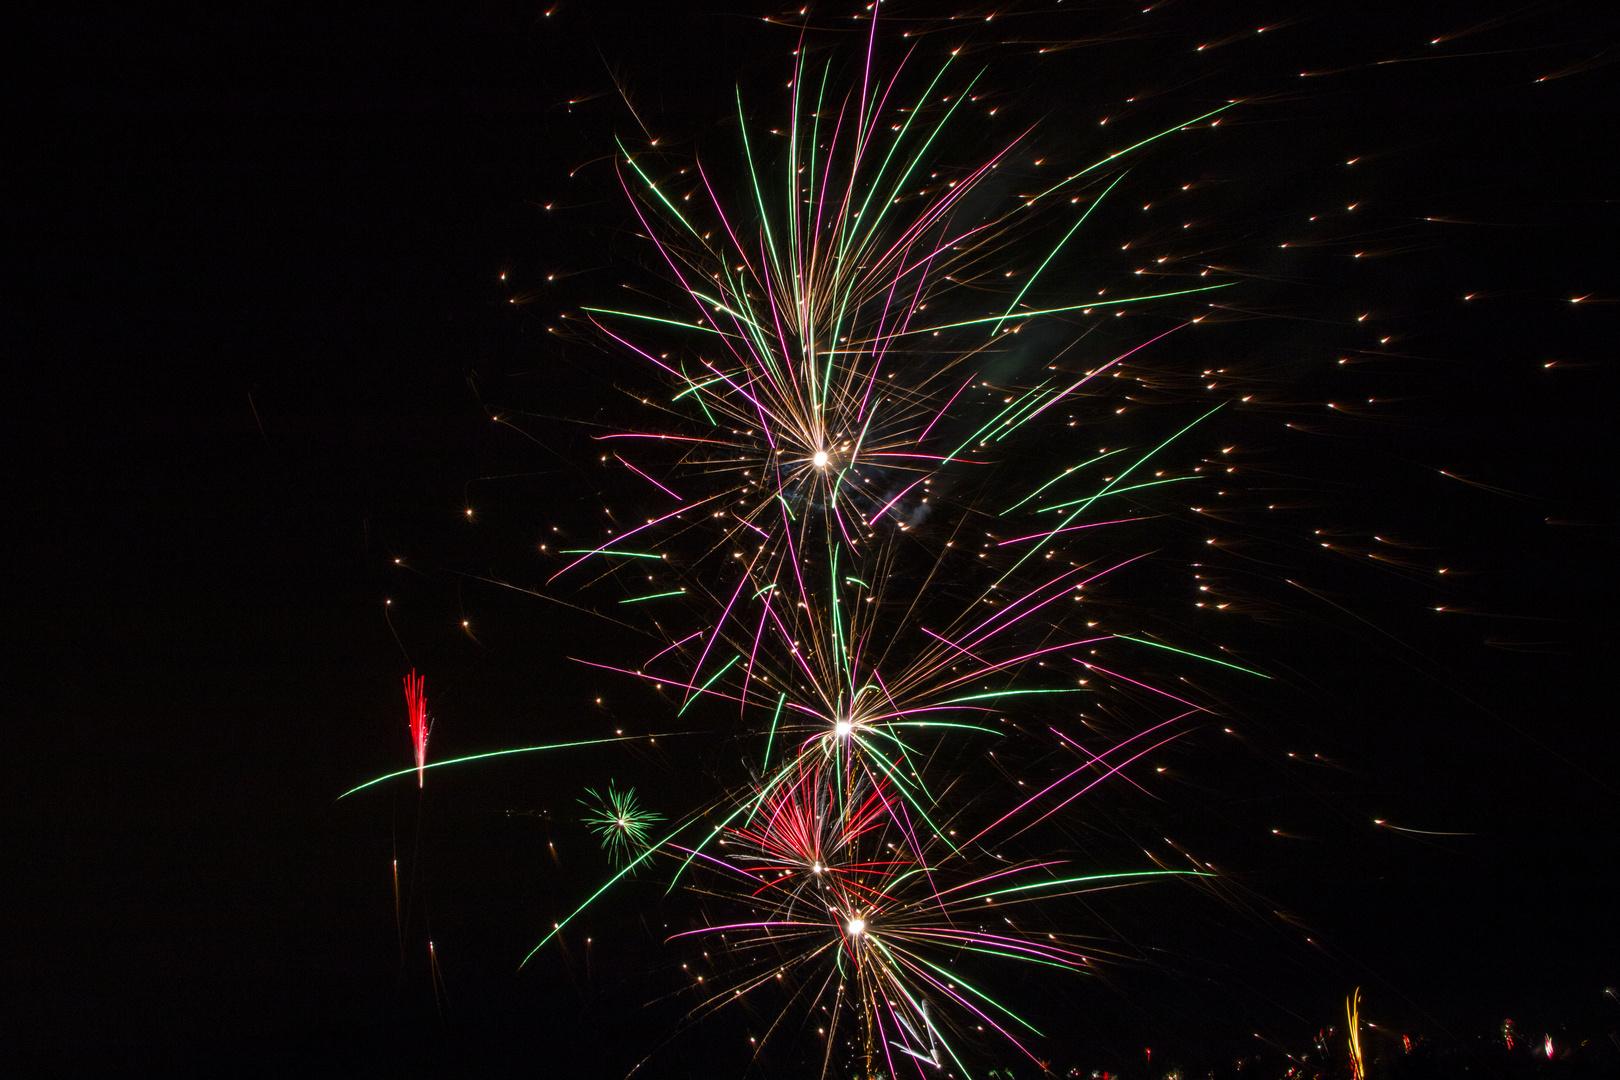 Feuerwerk 2014 in Köln